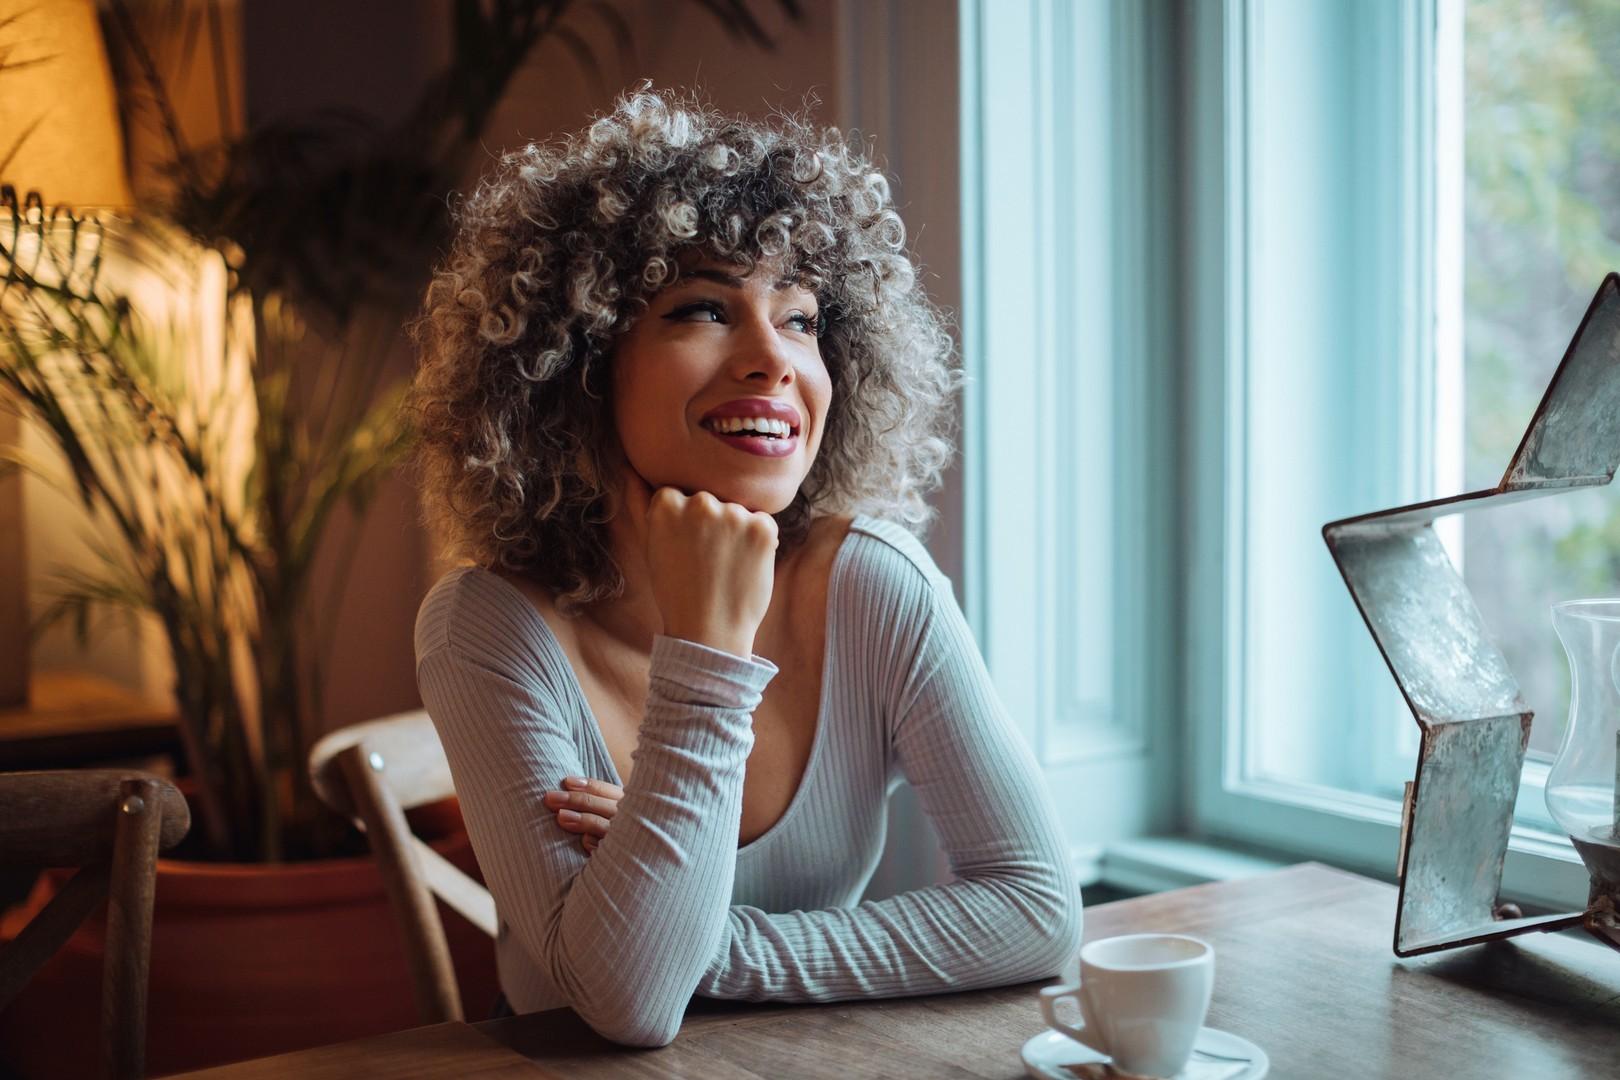 mulher de cabelo cacheado, curto e loiro, tomando café enquanto sorri